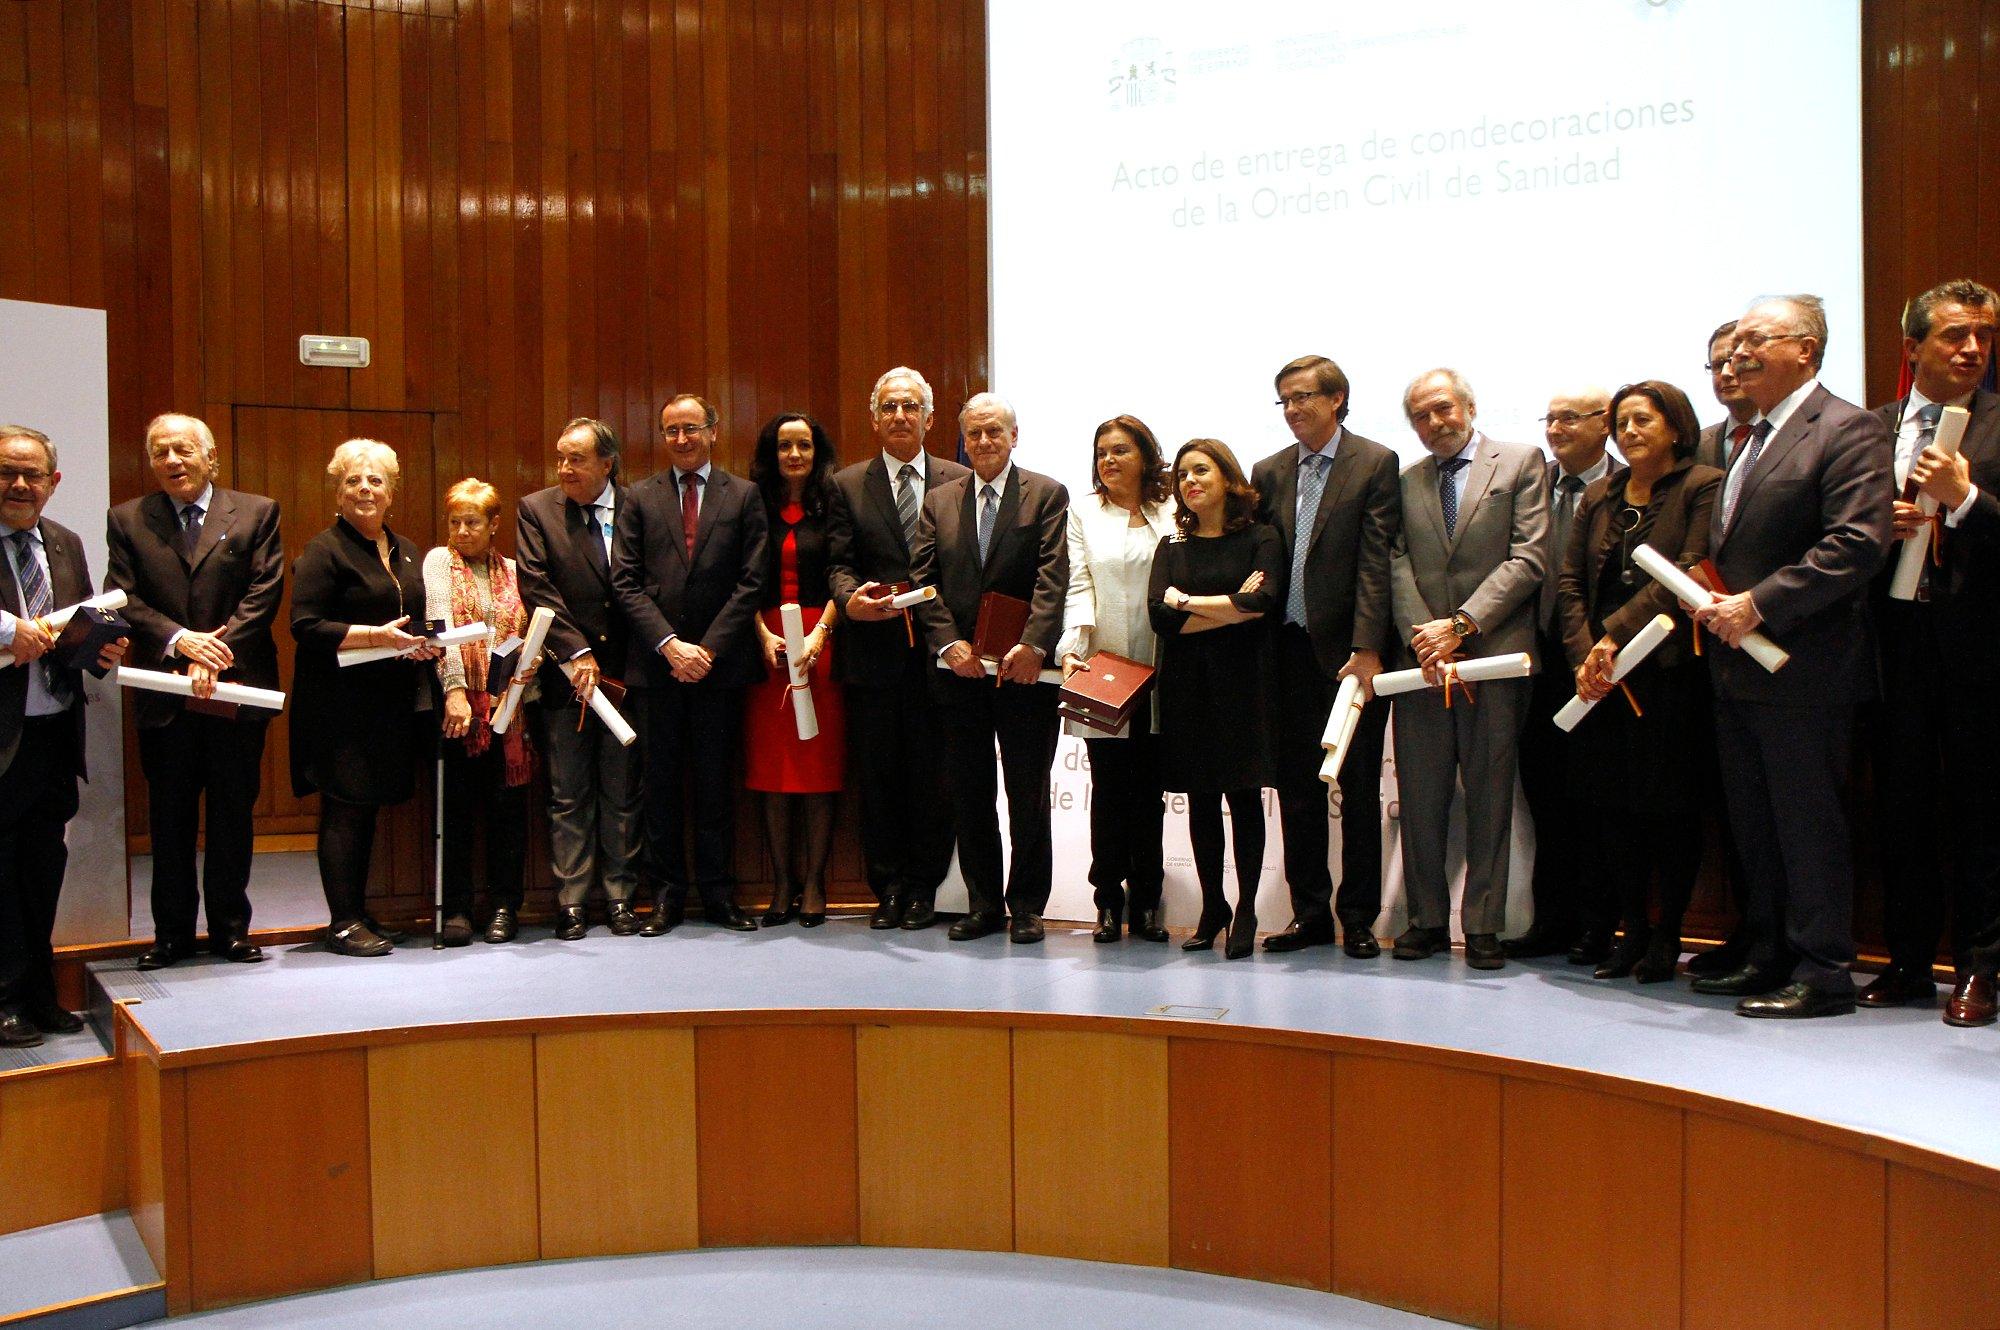 Sanidad entrega la Orden Civil de Sanidad a título póstumo a Miguel Pajares y Manuel García Viejo